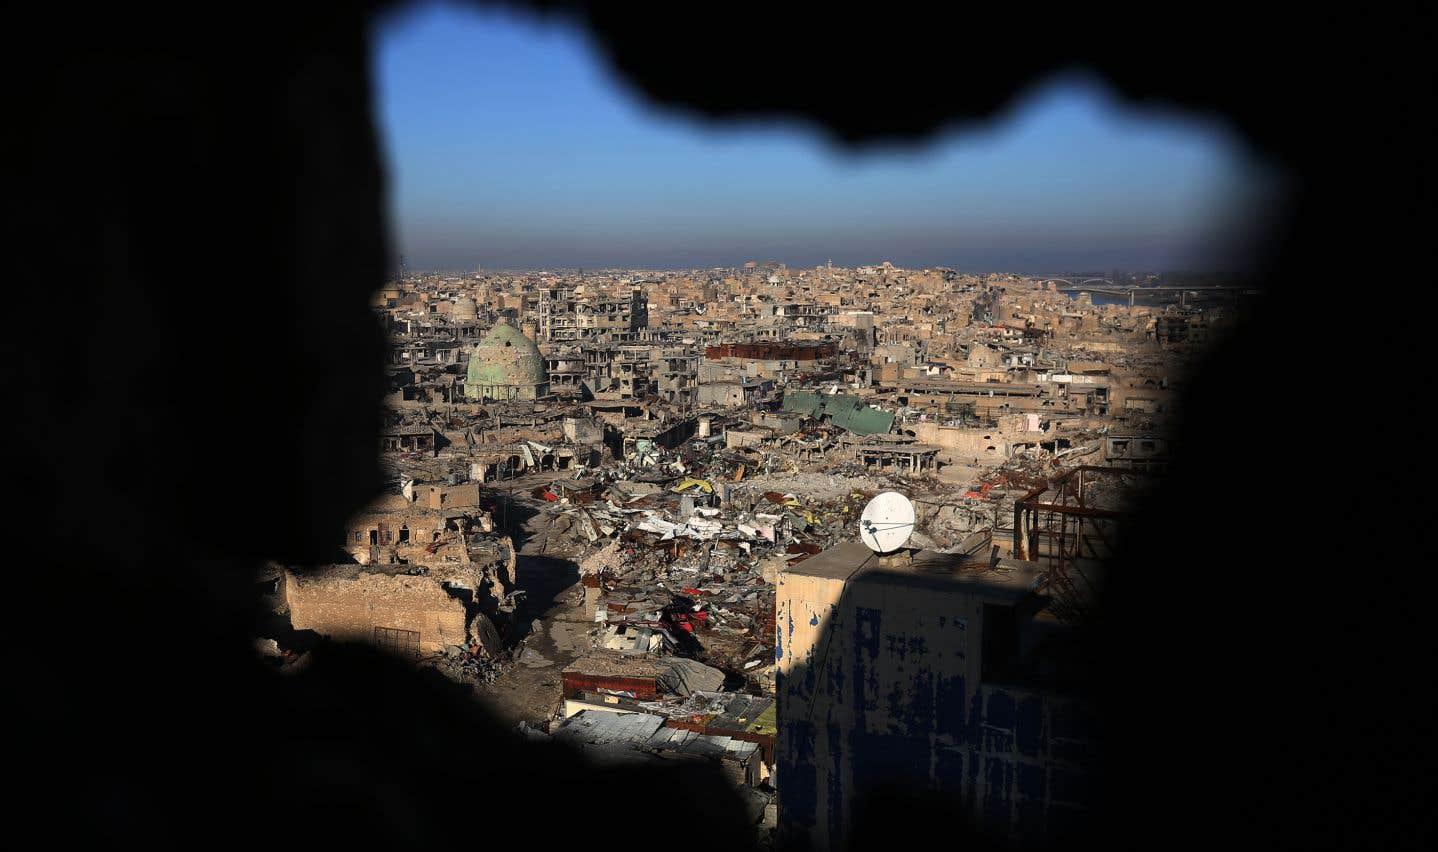 Certaines des accusées ont été arrêtées à Mossoul à la suite de la reprise de la ville par les forces irakiennes.